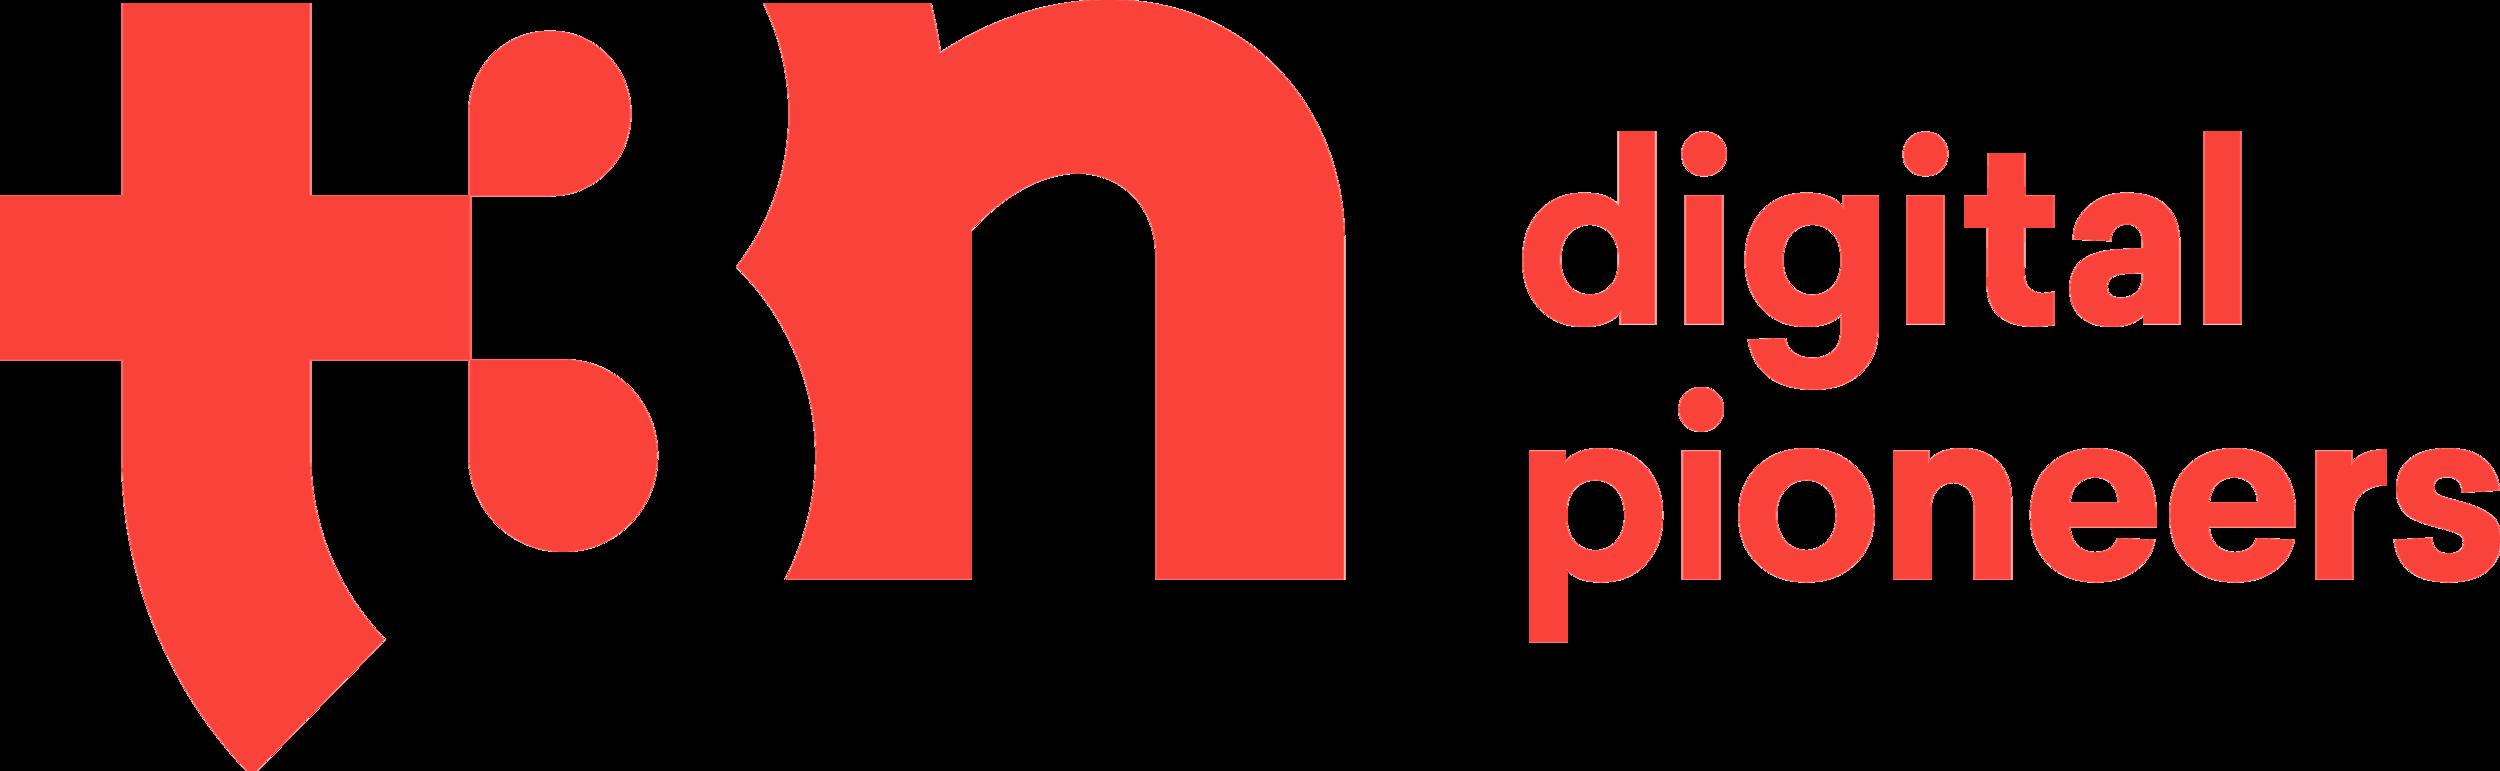 t3n-logo-press-2018_color_RGB_rechts.png